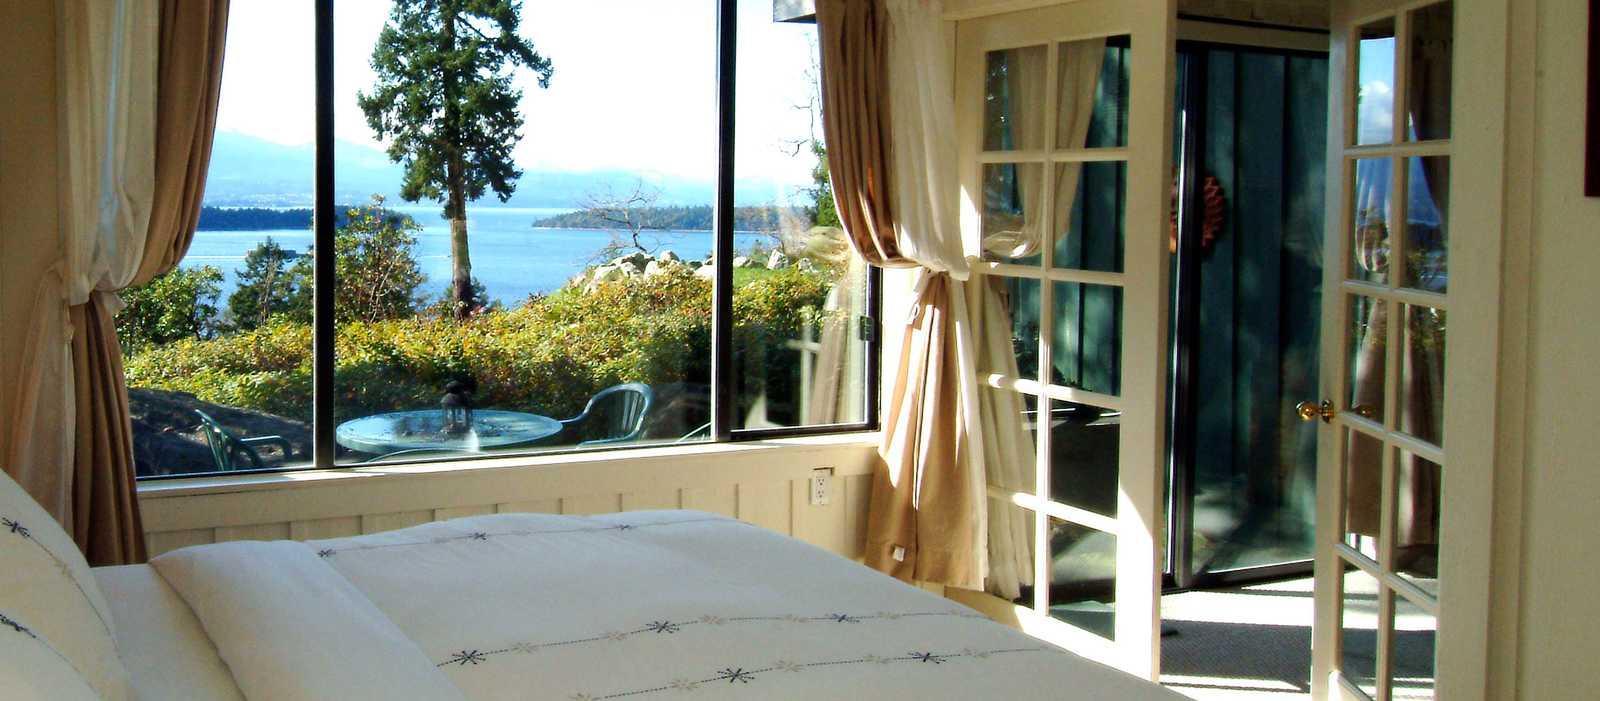 Quarrystone House Bed and Breakfast, Einzelbettzimmer mit Sicht auf die Bucht